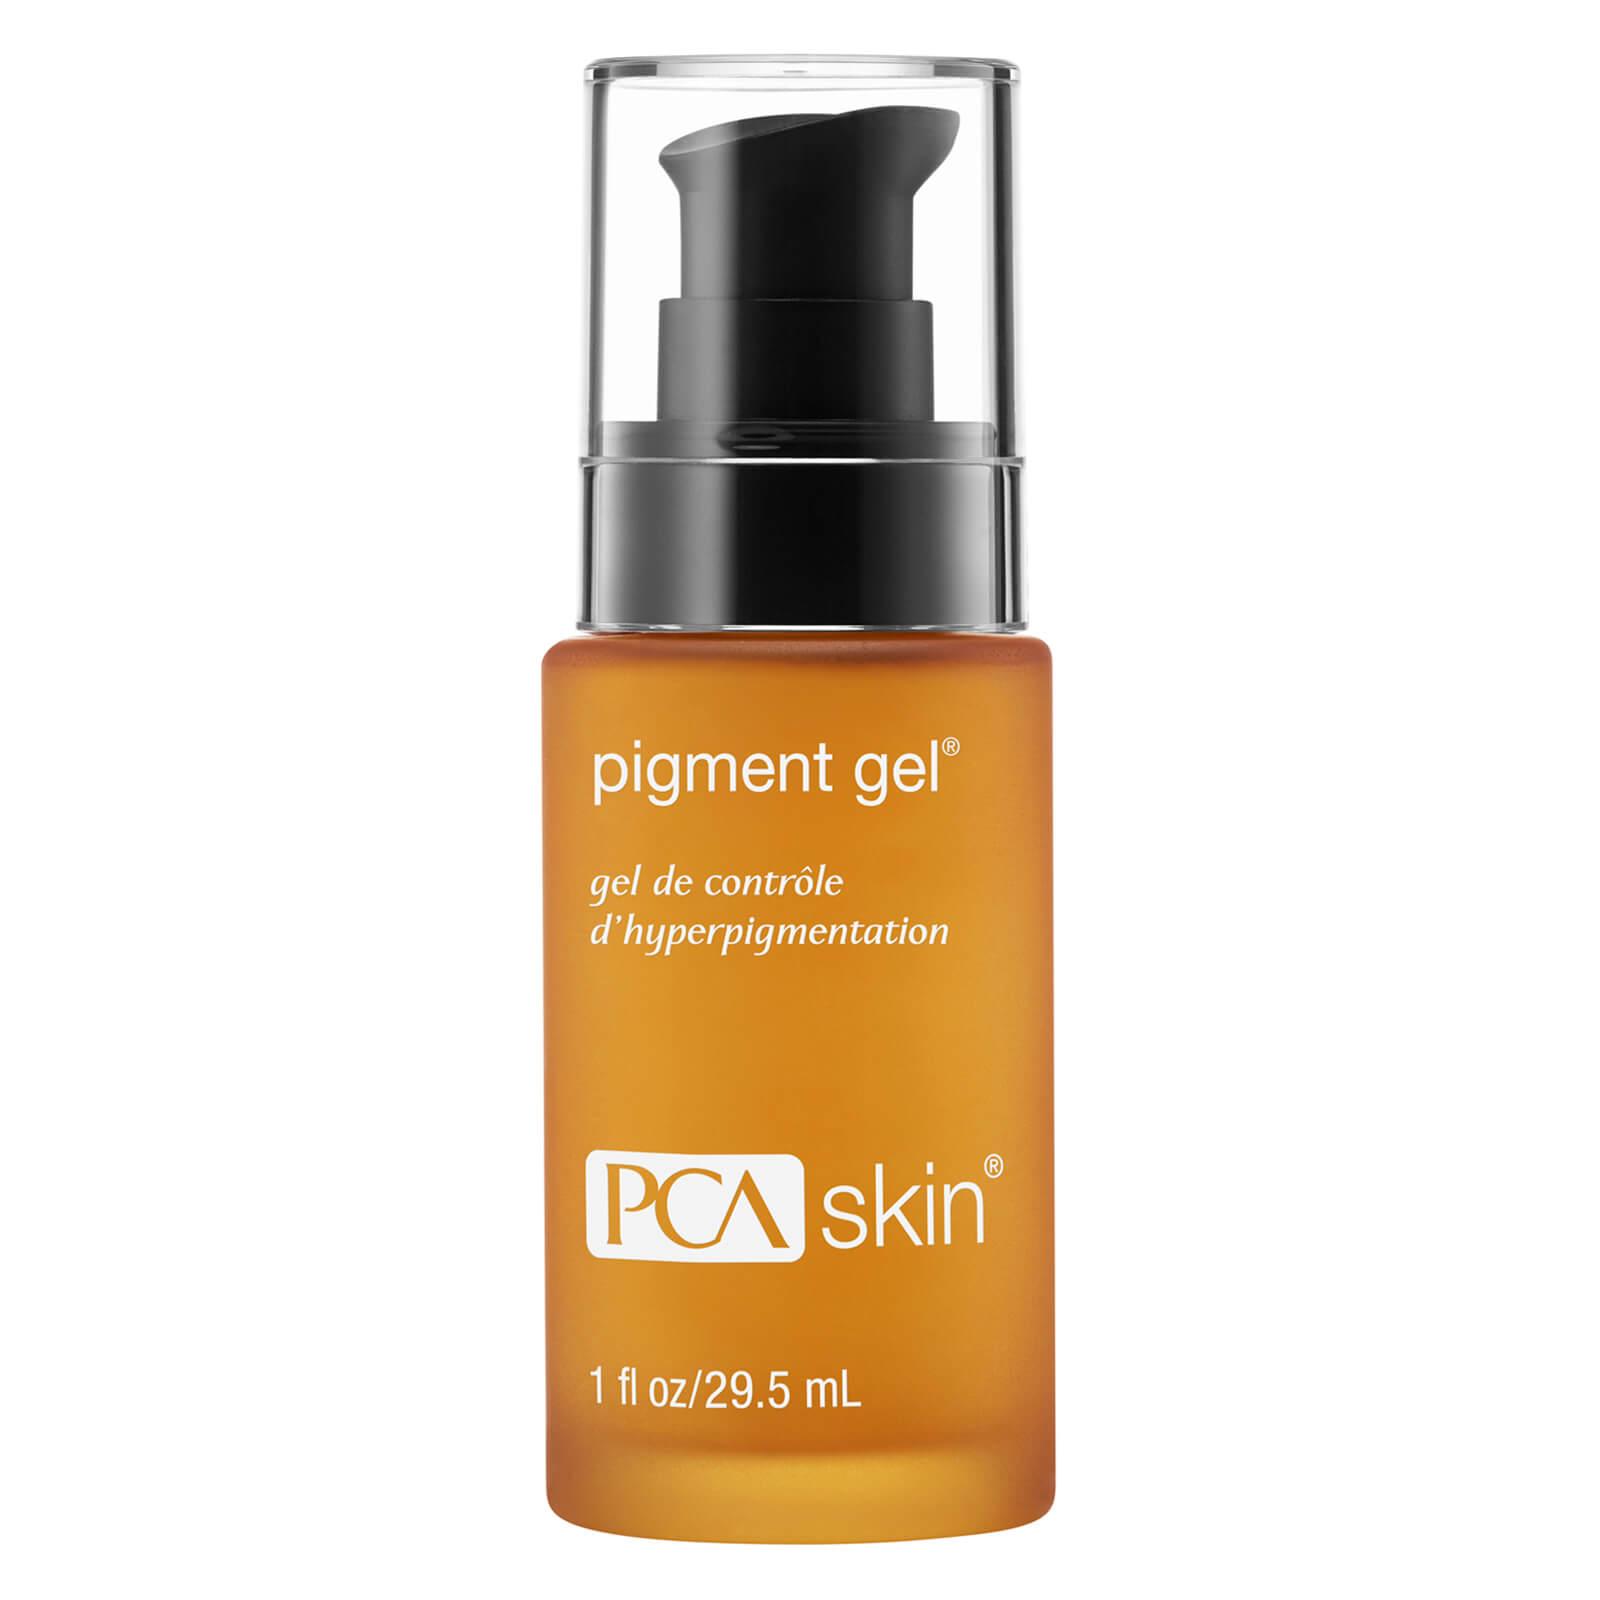 SkinCareRx: 28% OFF PCA Skin